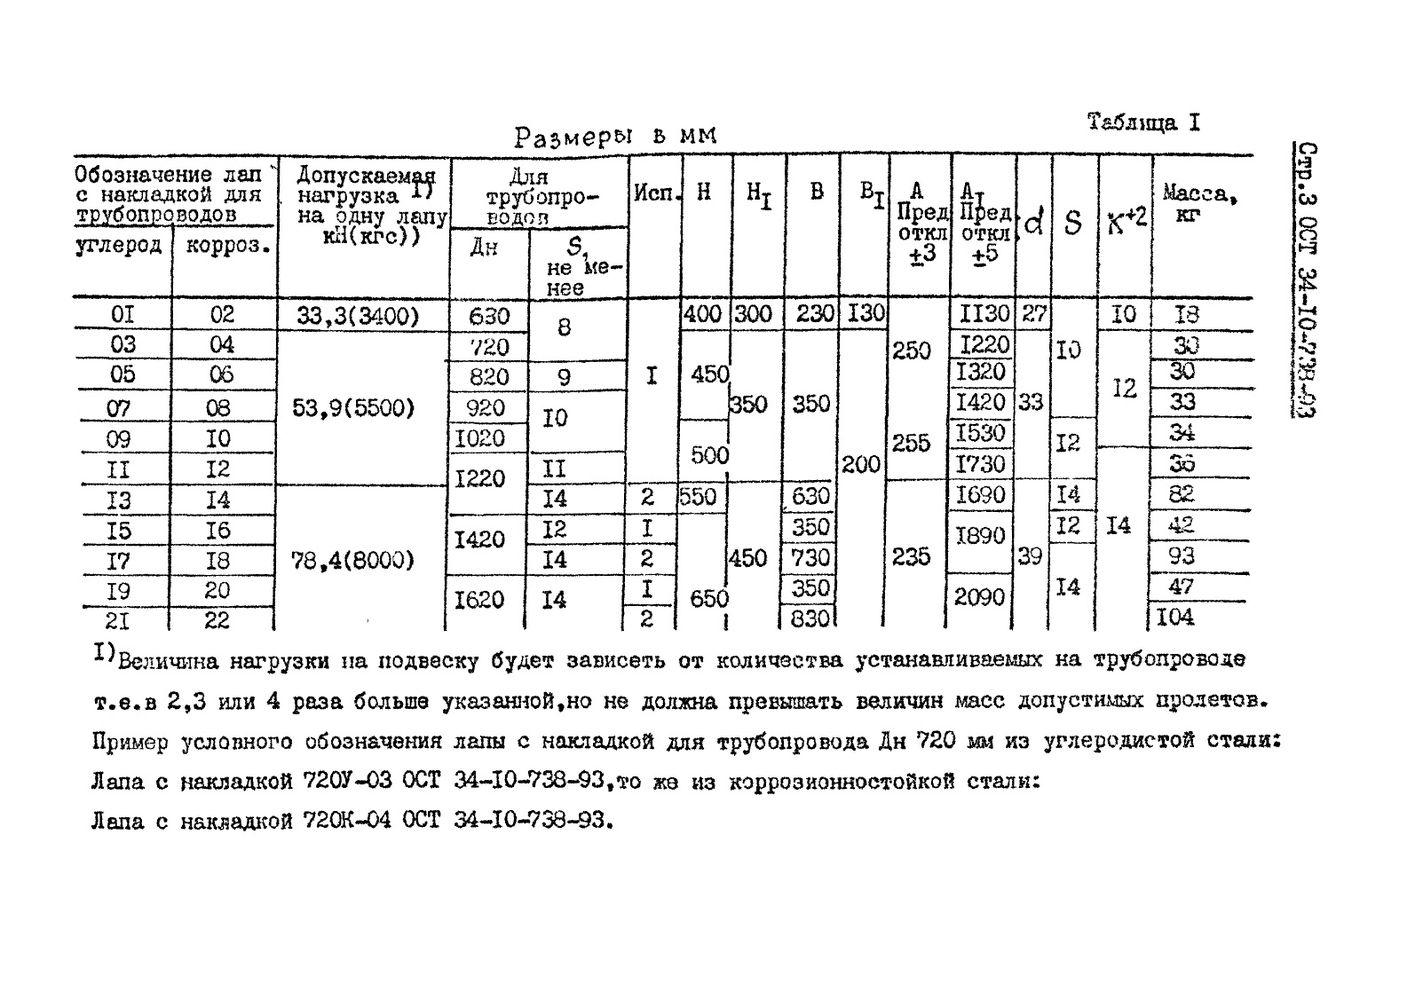 Лапы с накладкой ОСТ 34-10-738-93 стр.3